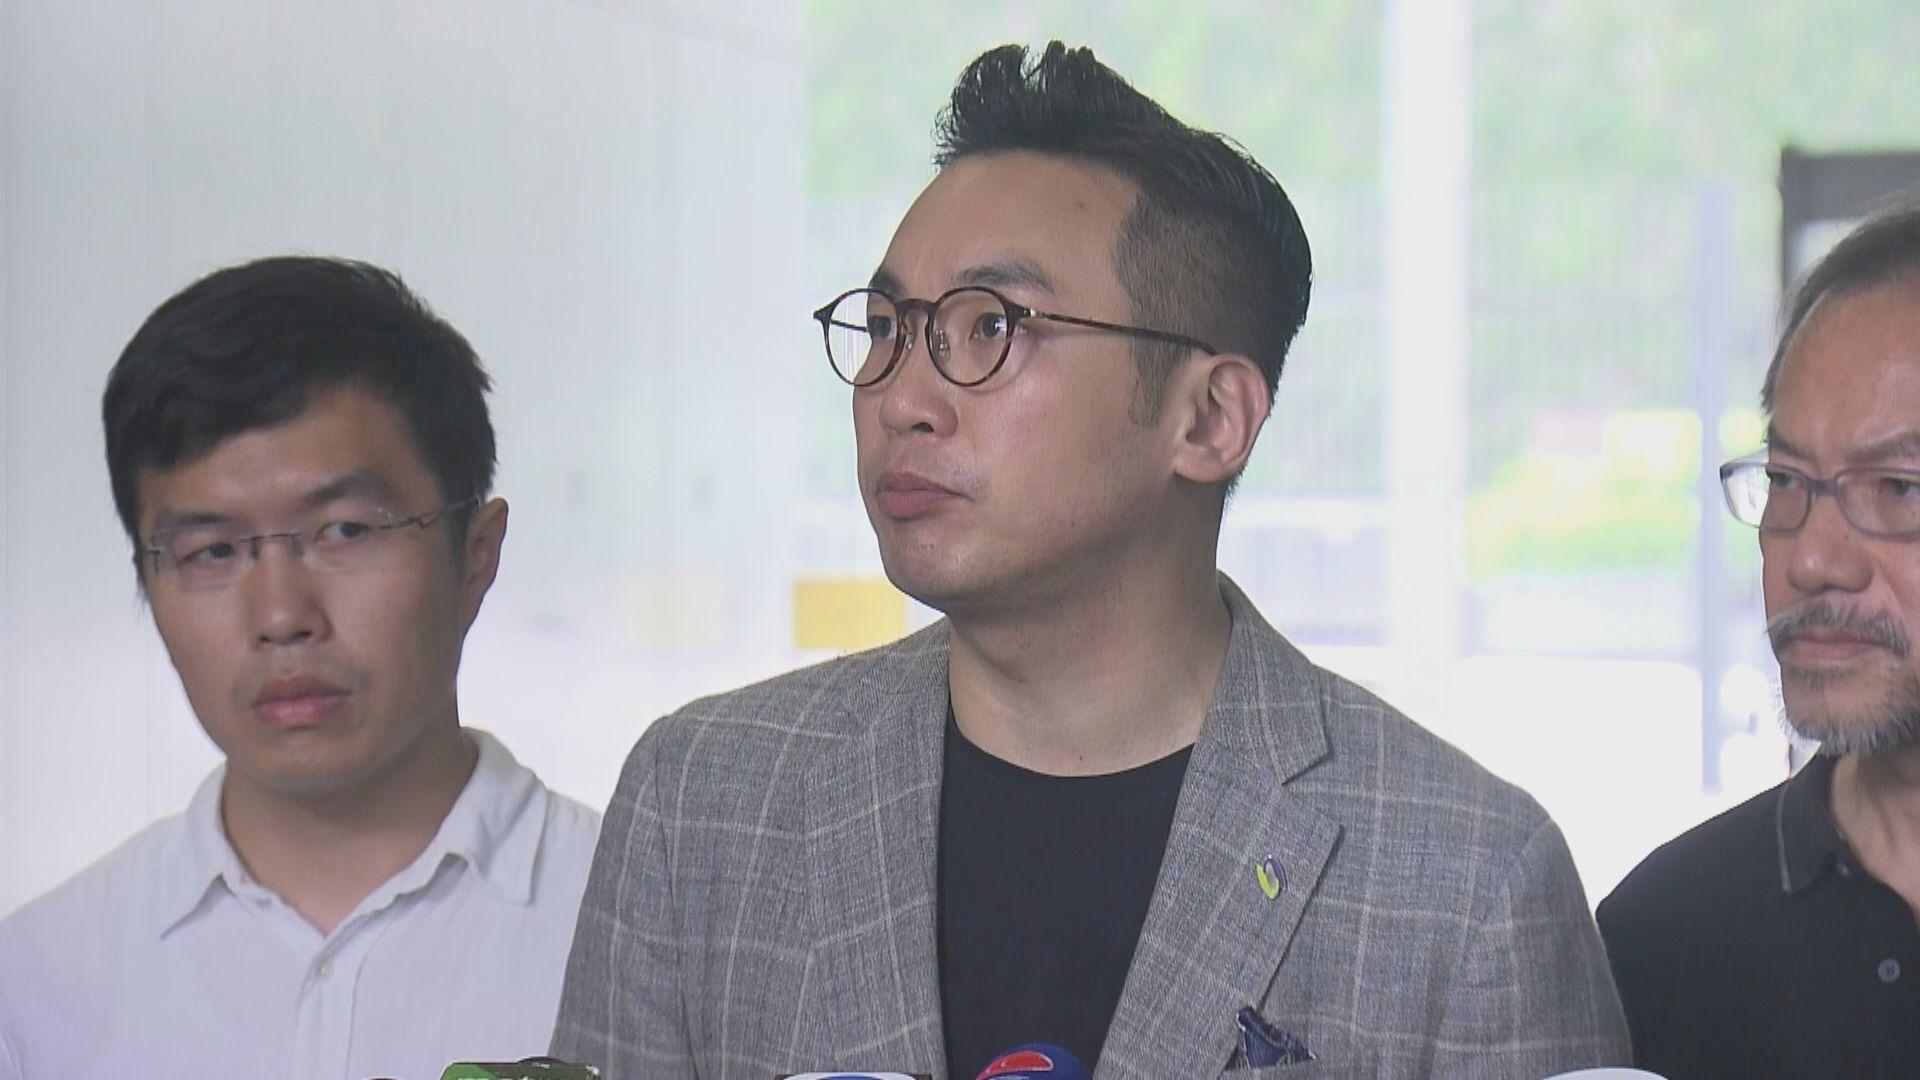 楊岳橋提域外法權私人草案 特首辦拒發許可